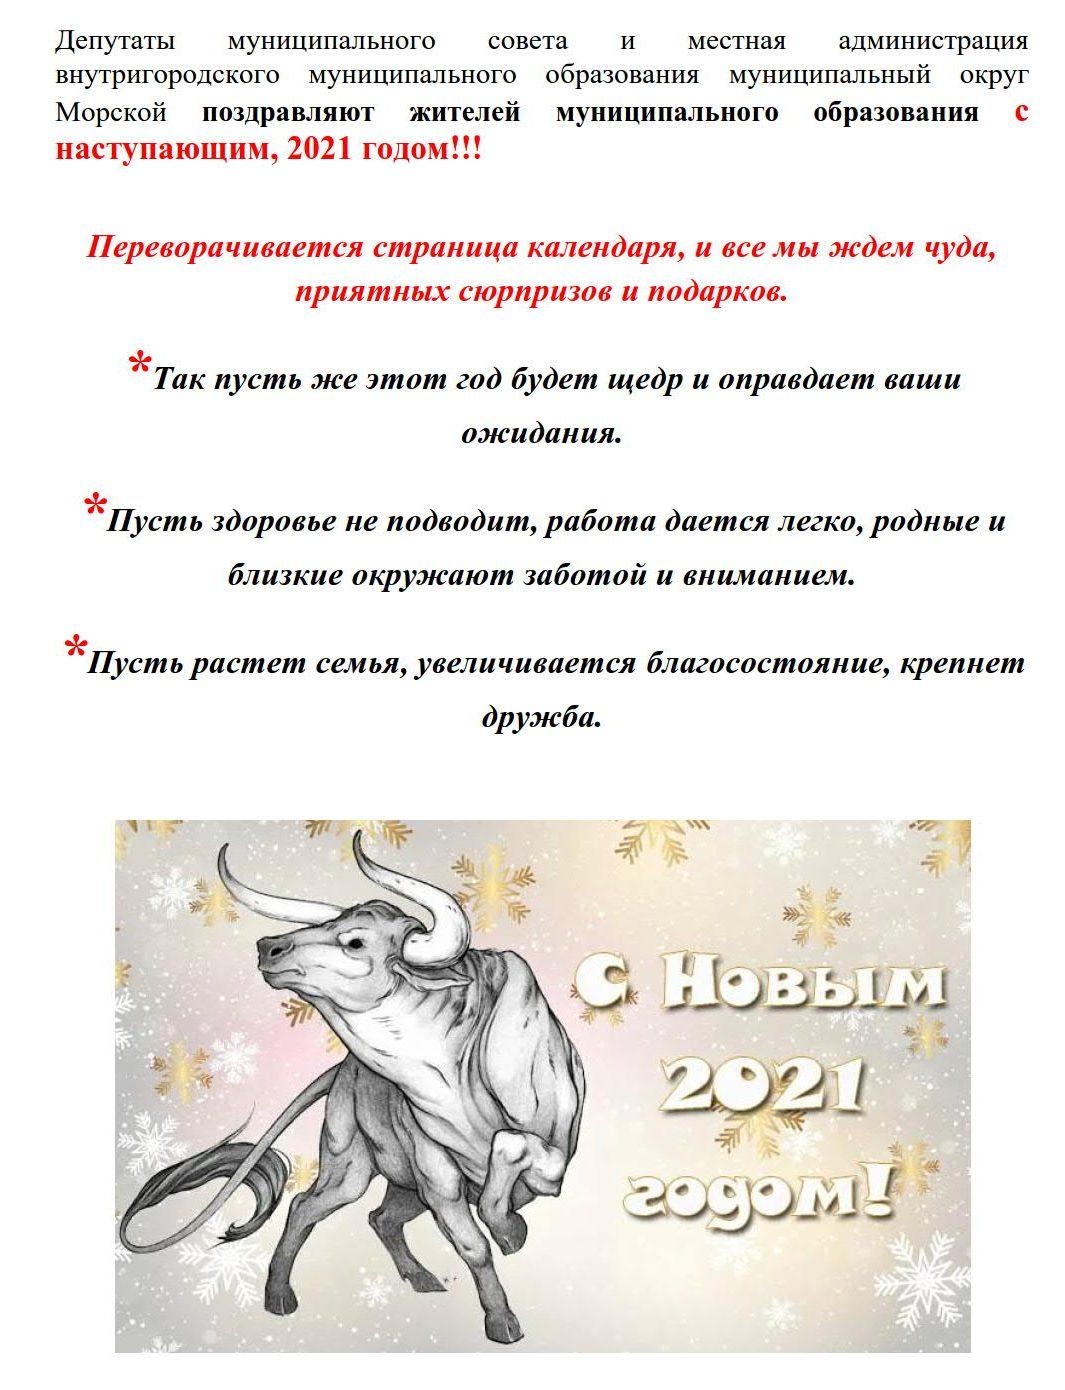 30.12.2020 С новым годом_1